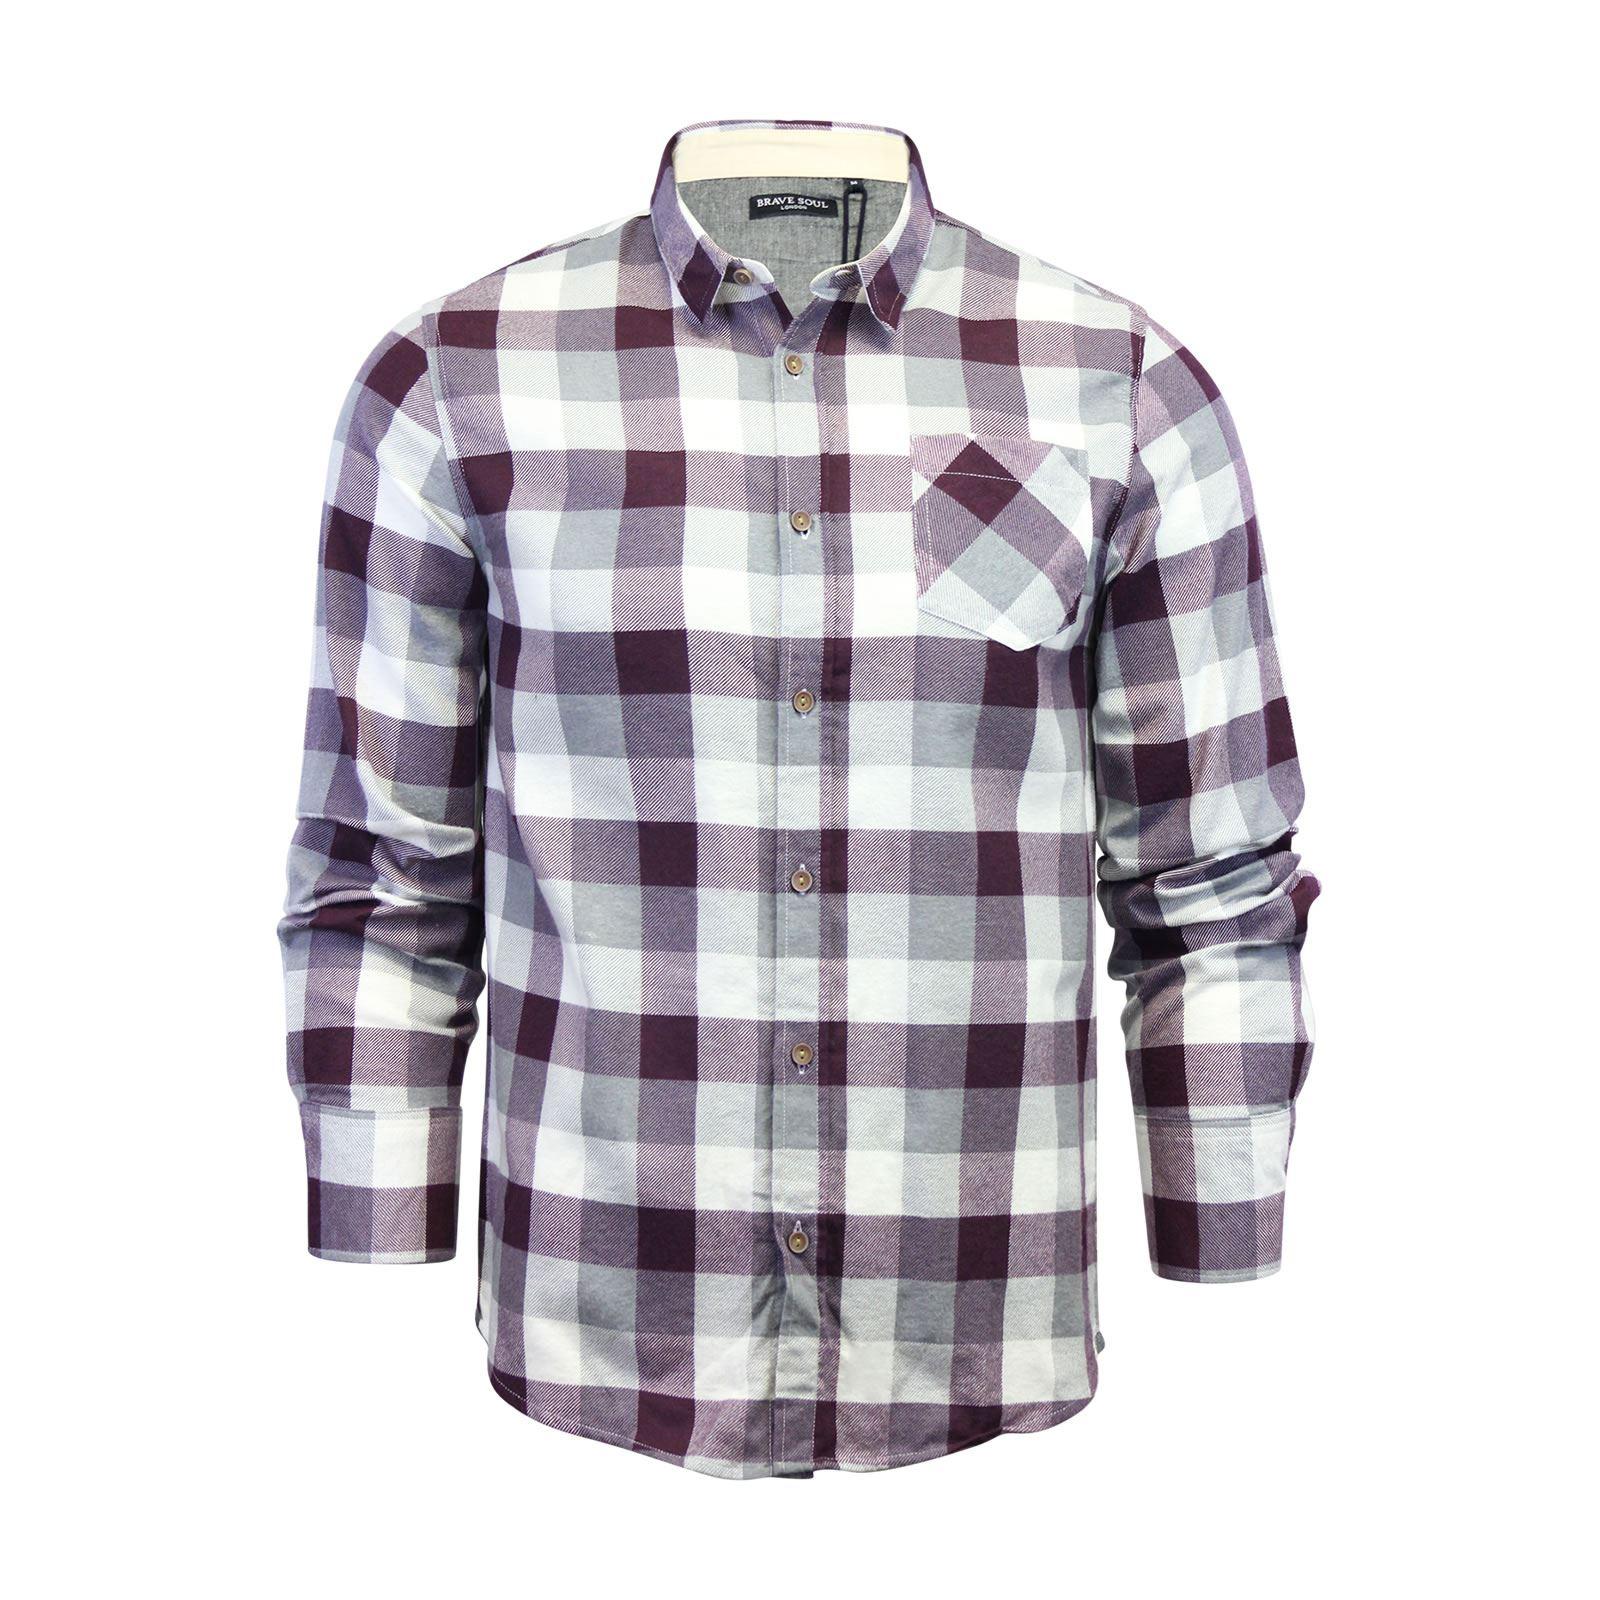 Alma-VALIENTE-HOMBRE-compruebe-Camisa-Algodon-Cepillado-De-Franela-Top-Manga-Larga-Casual miniatura 64